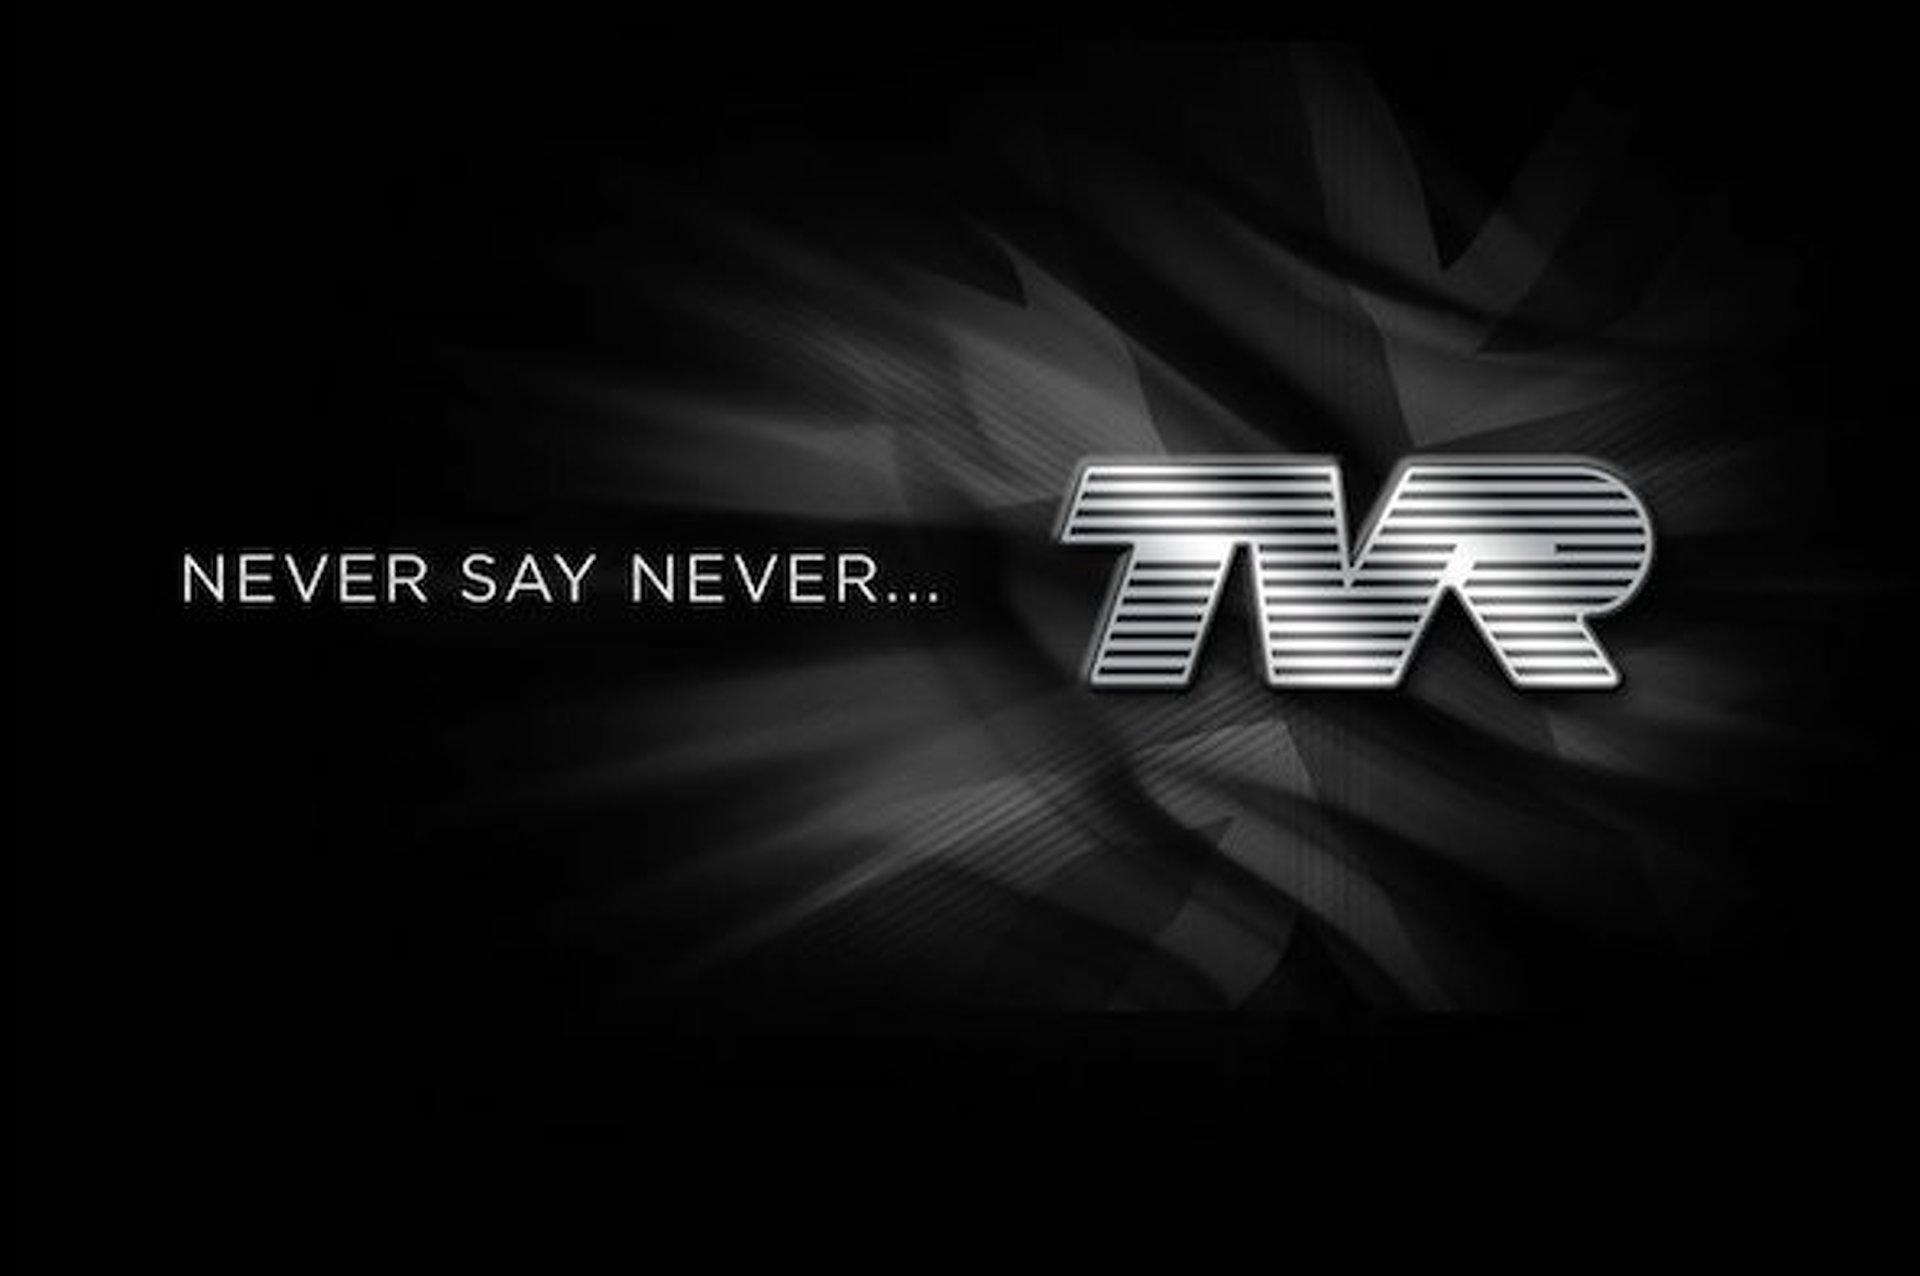 TVR Making a Comeback?